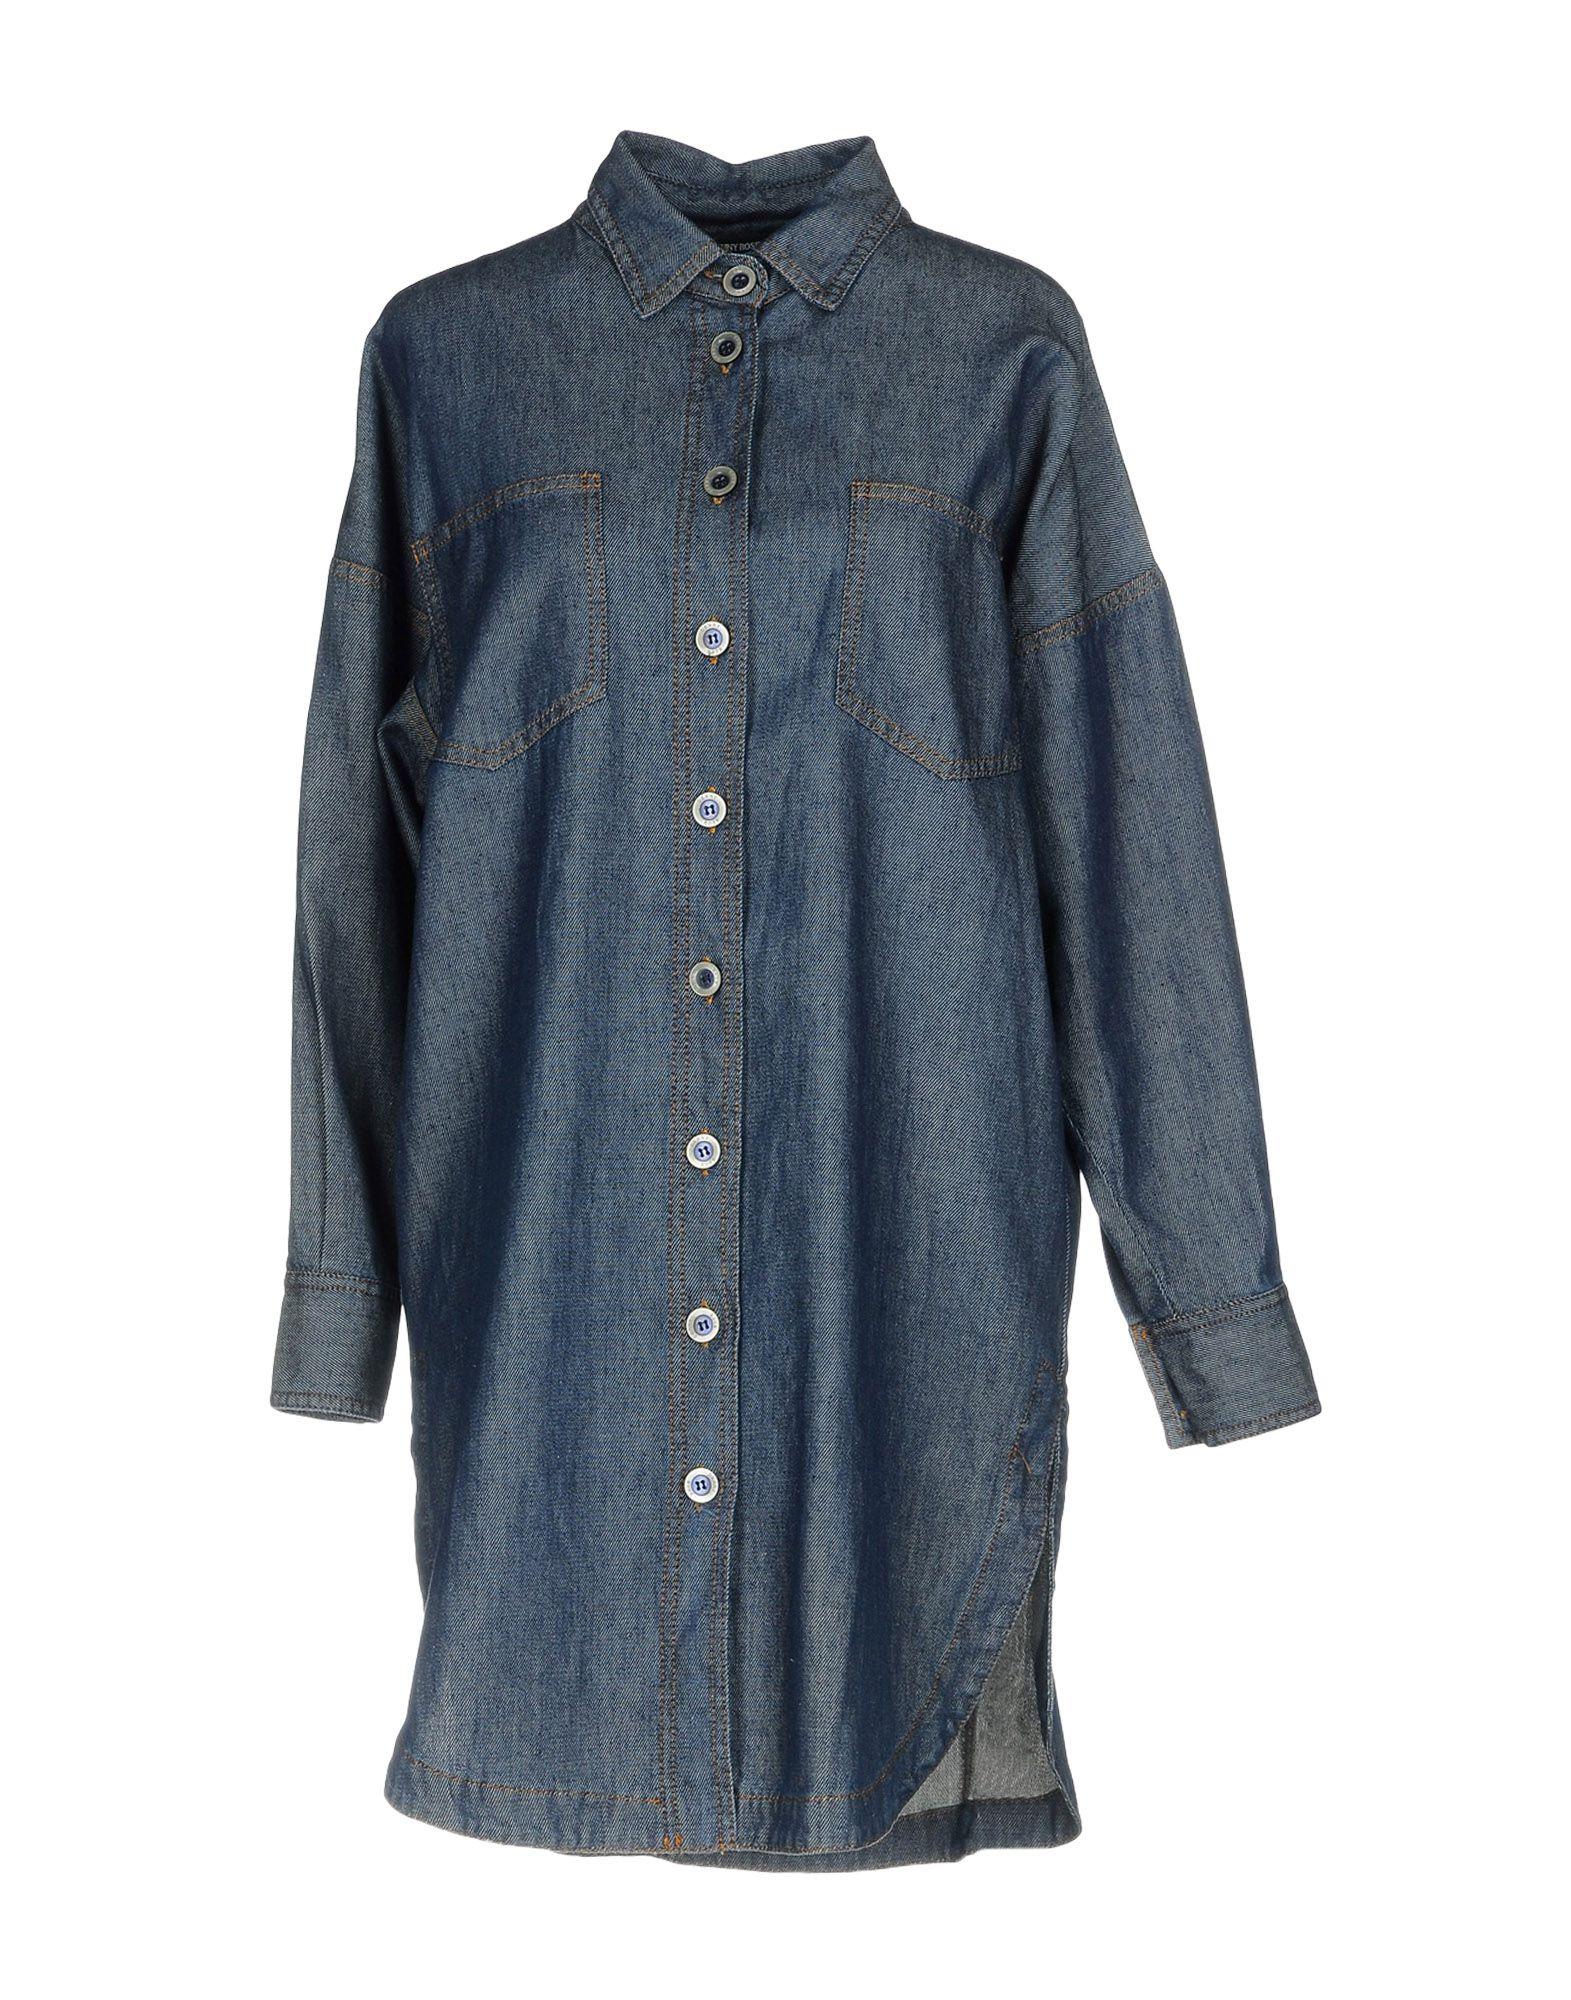 DENNY ROSE Джинсовая рубашка